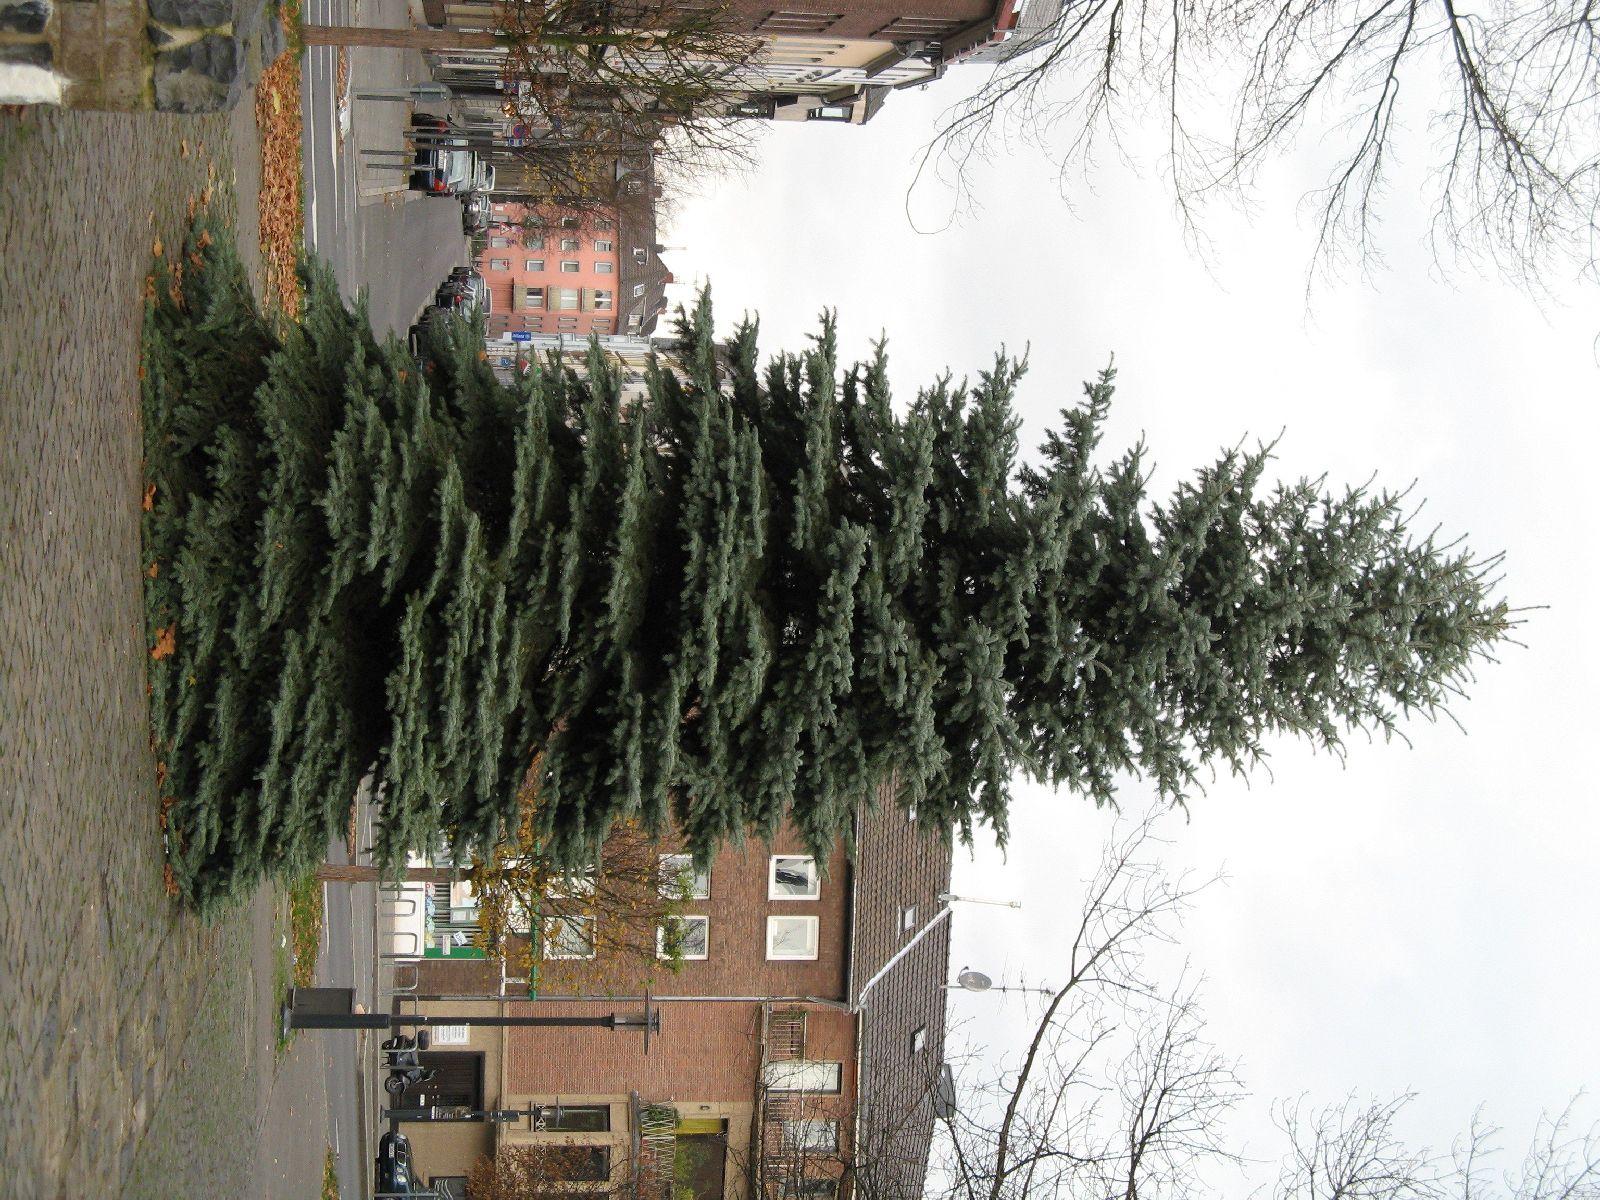 Pflanzen-Baum-Foto_Textur_B_09290